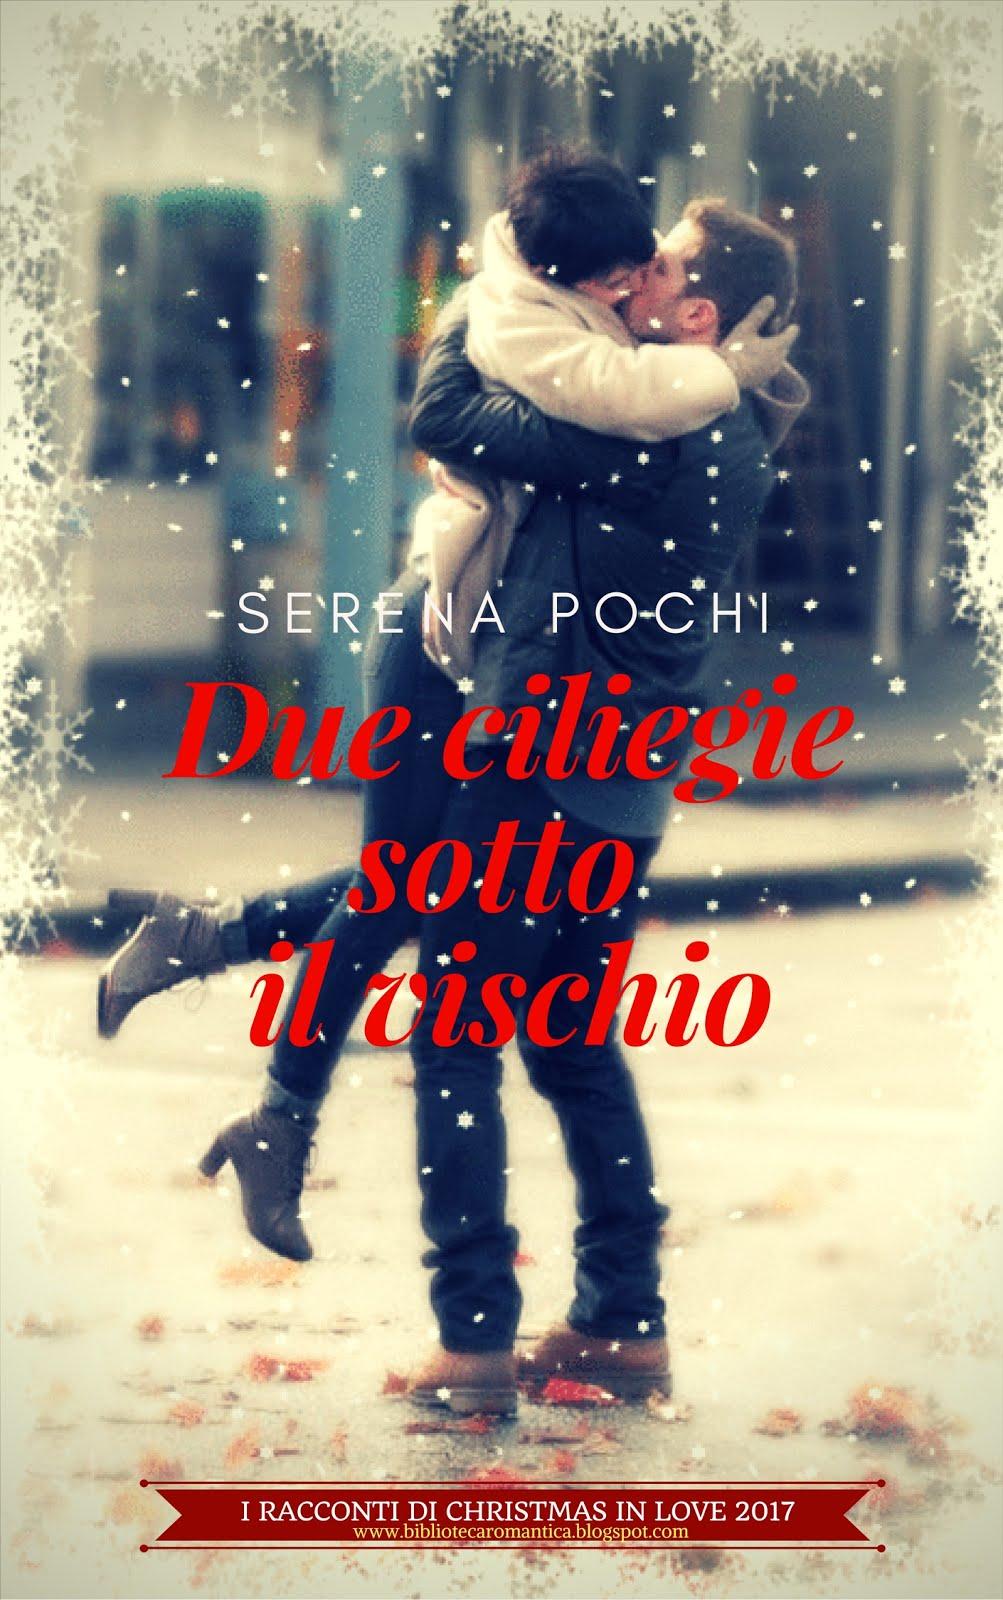 S.Pochi